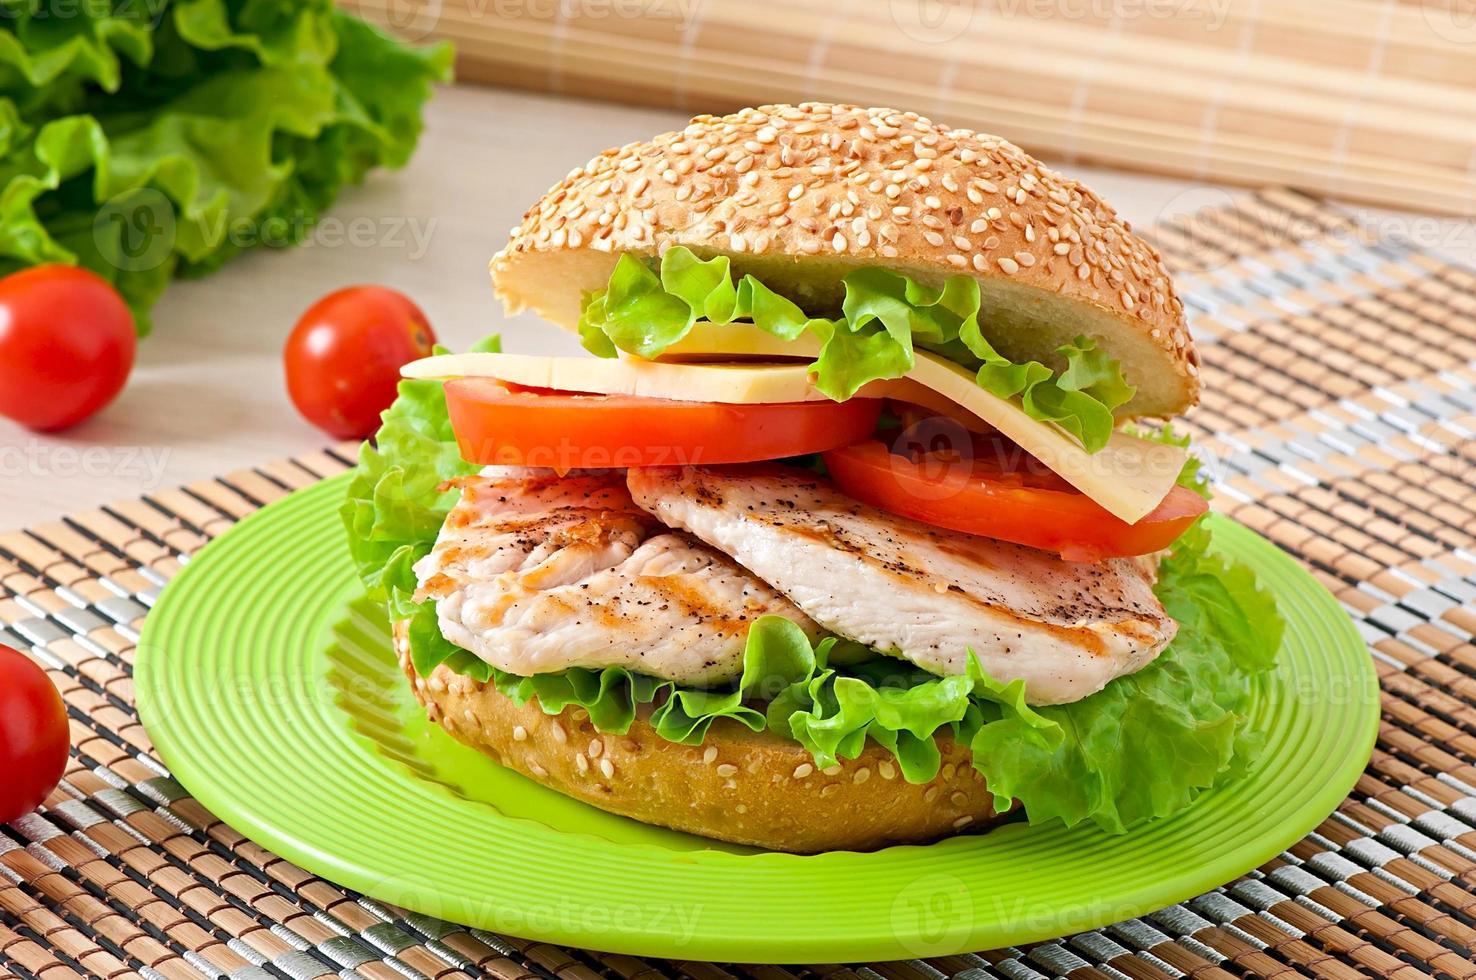 sandwich au poulet avec salade et tomate photo